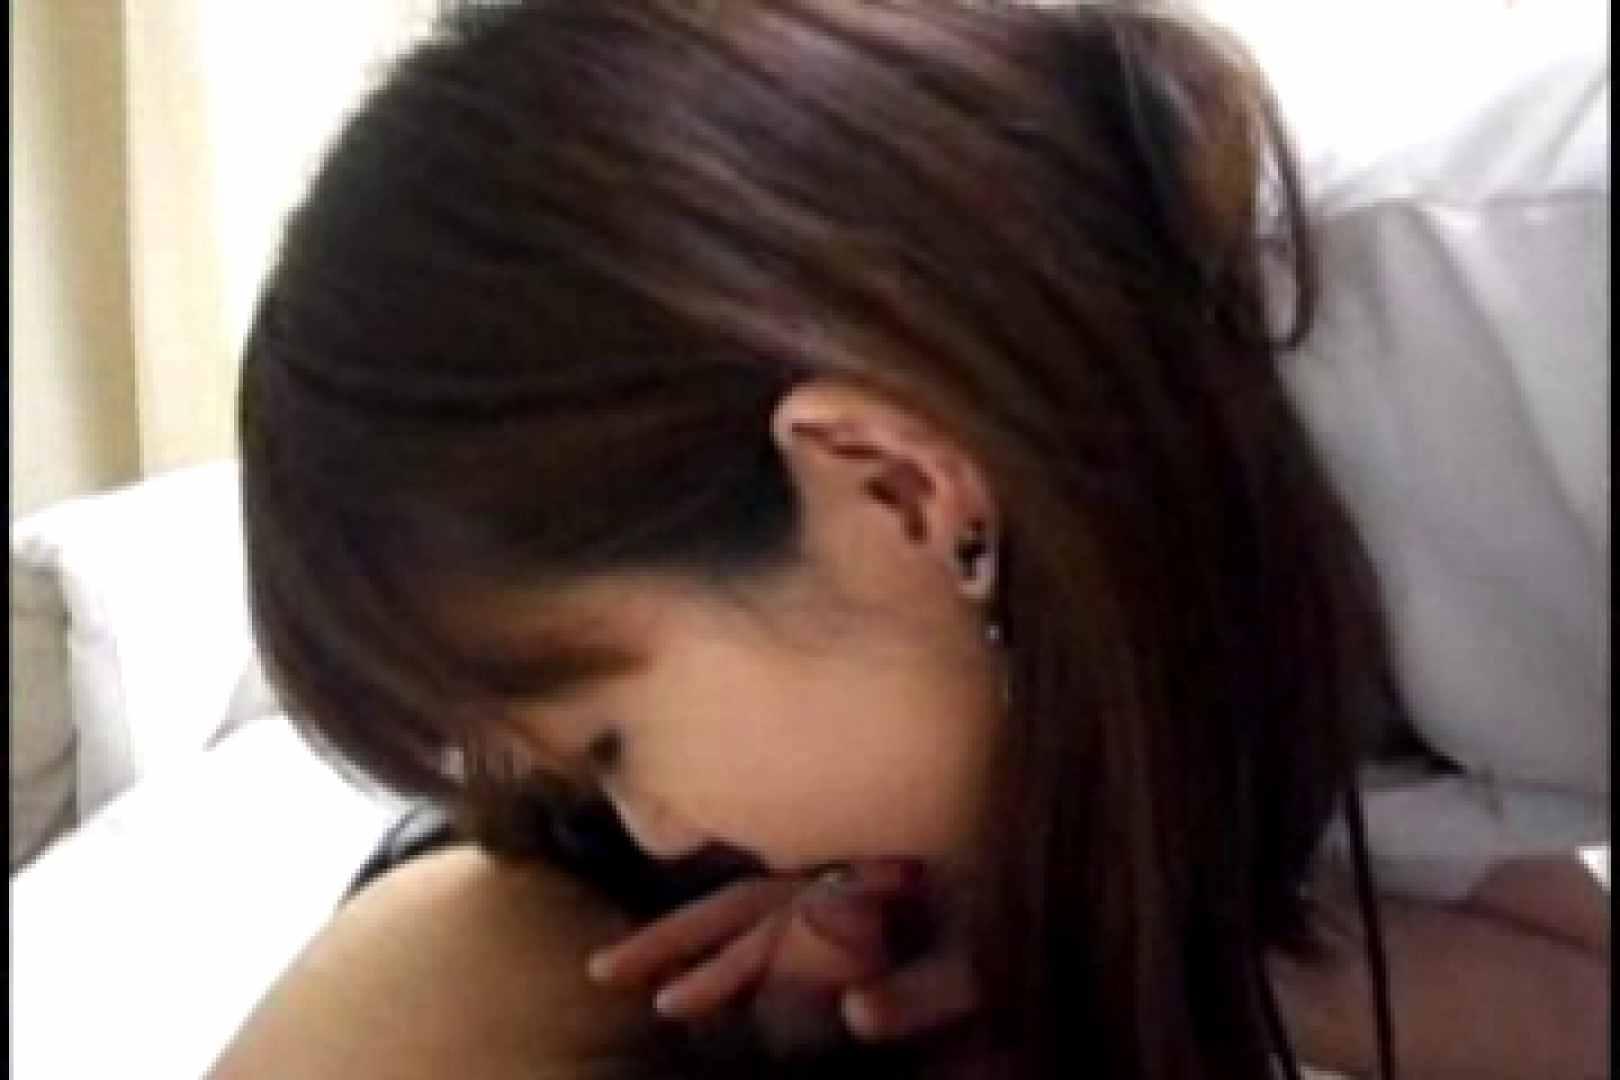 ヤリマンと呼ばれた看護士さんvol1 シックスナイン  98pic 68